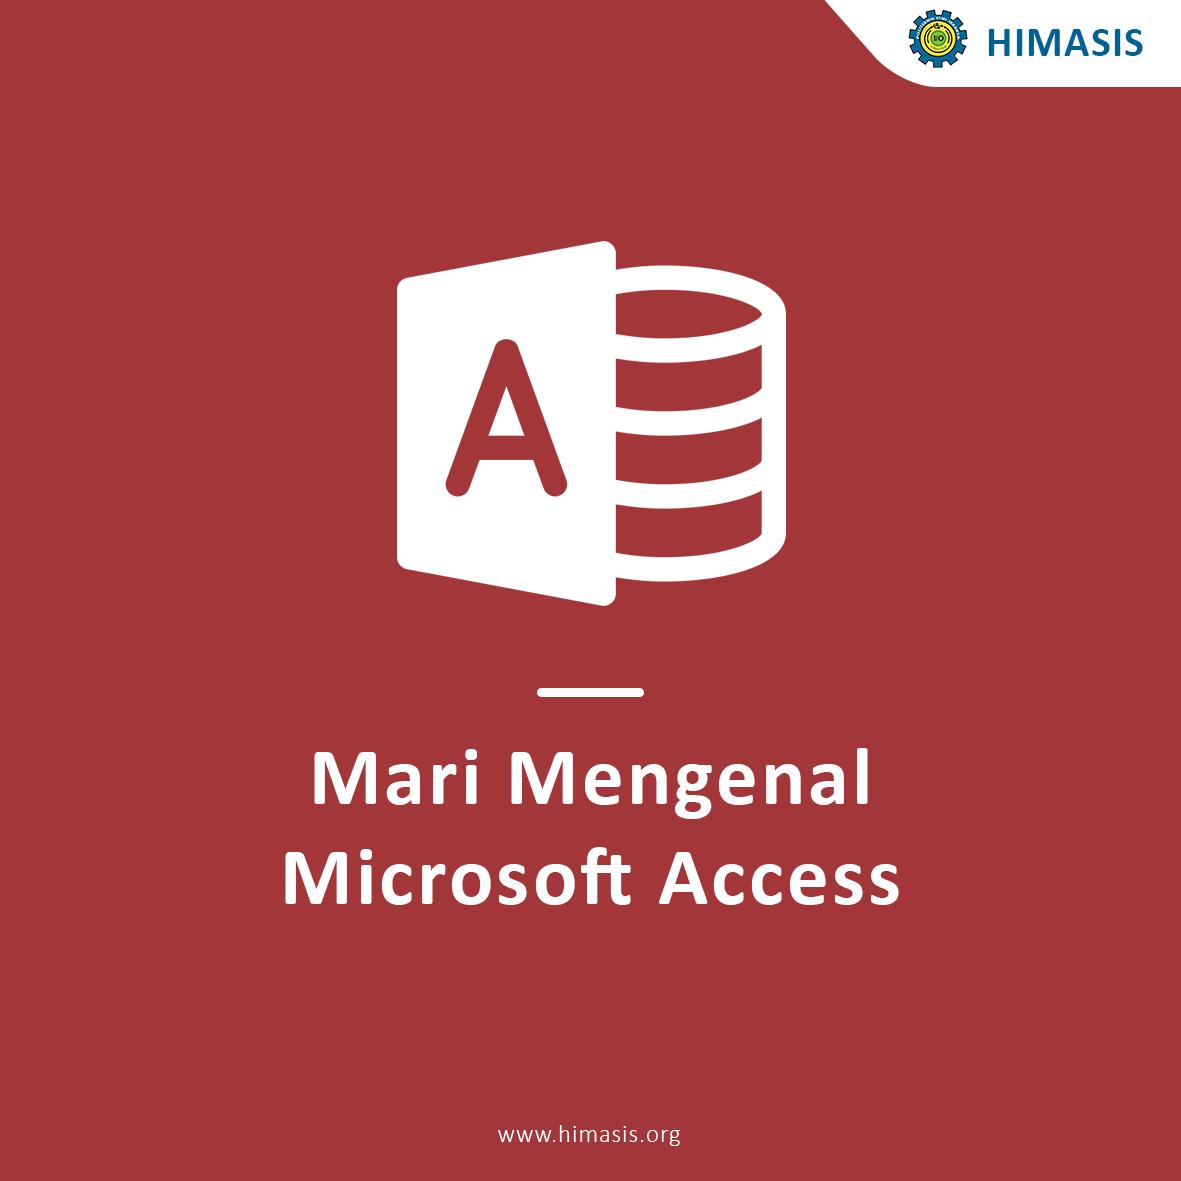 Mari Mengenal Microsoft Access